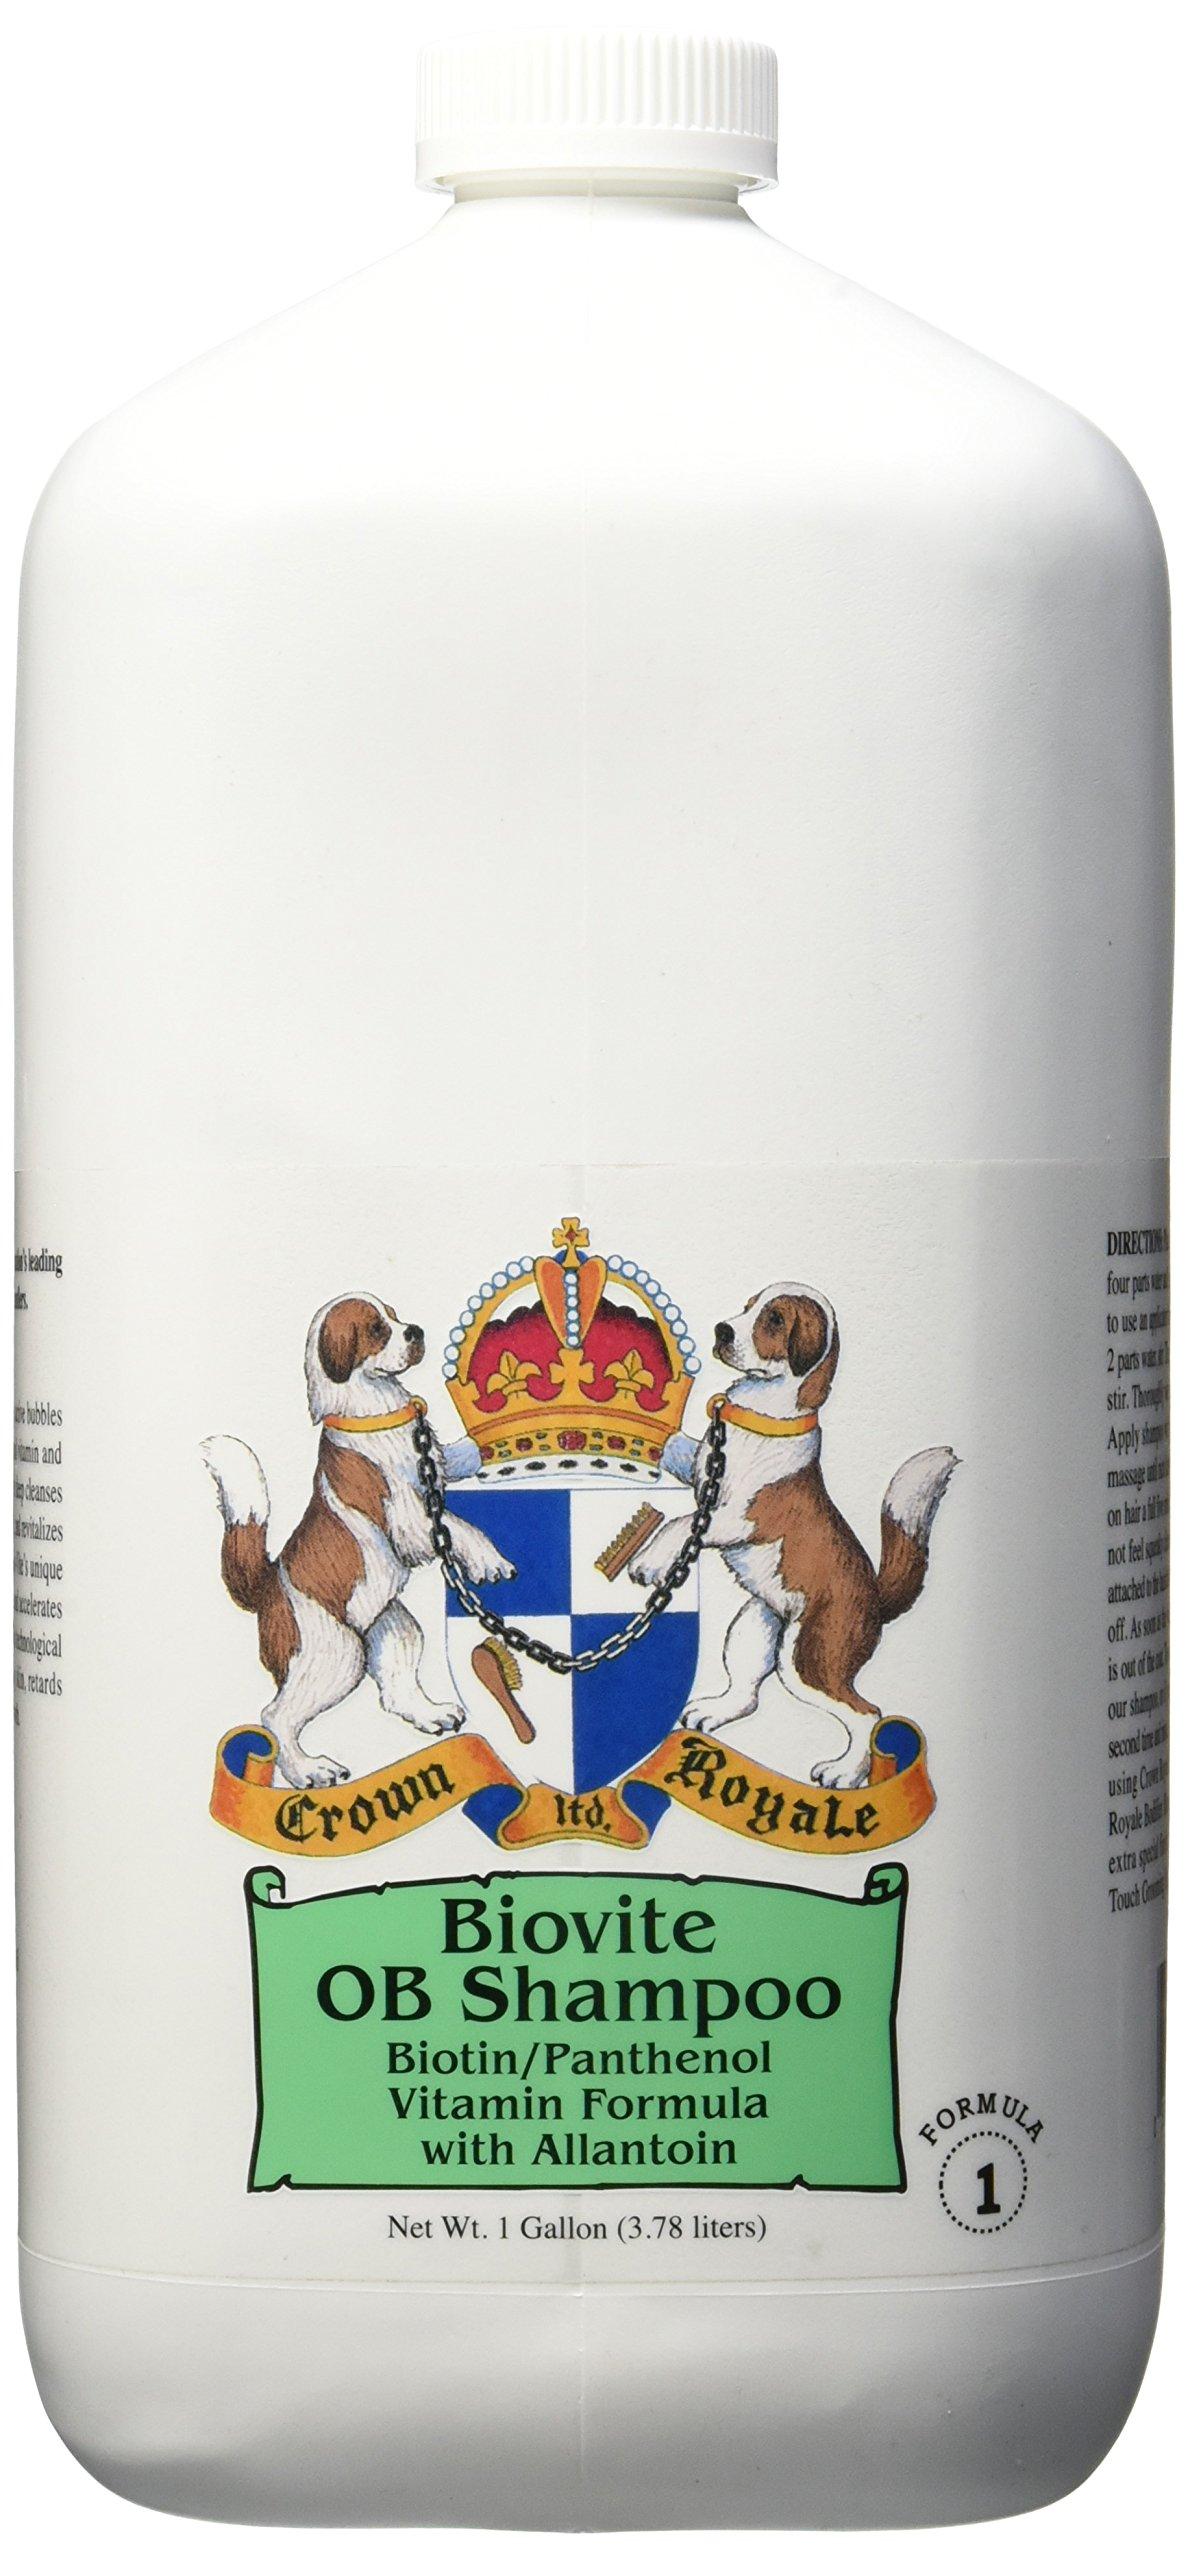 Crown Royale Biovite Formula 1 Shampoo Gallon Concentrate